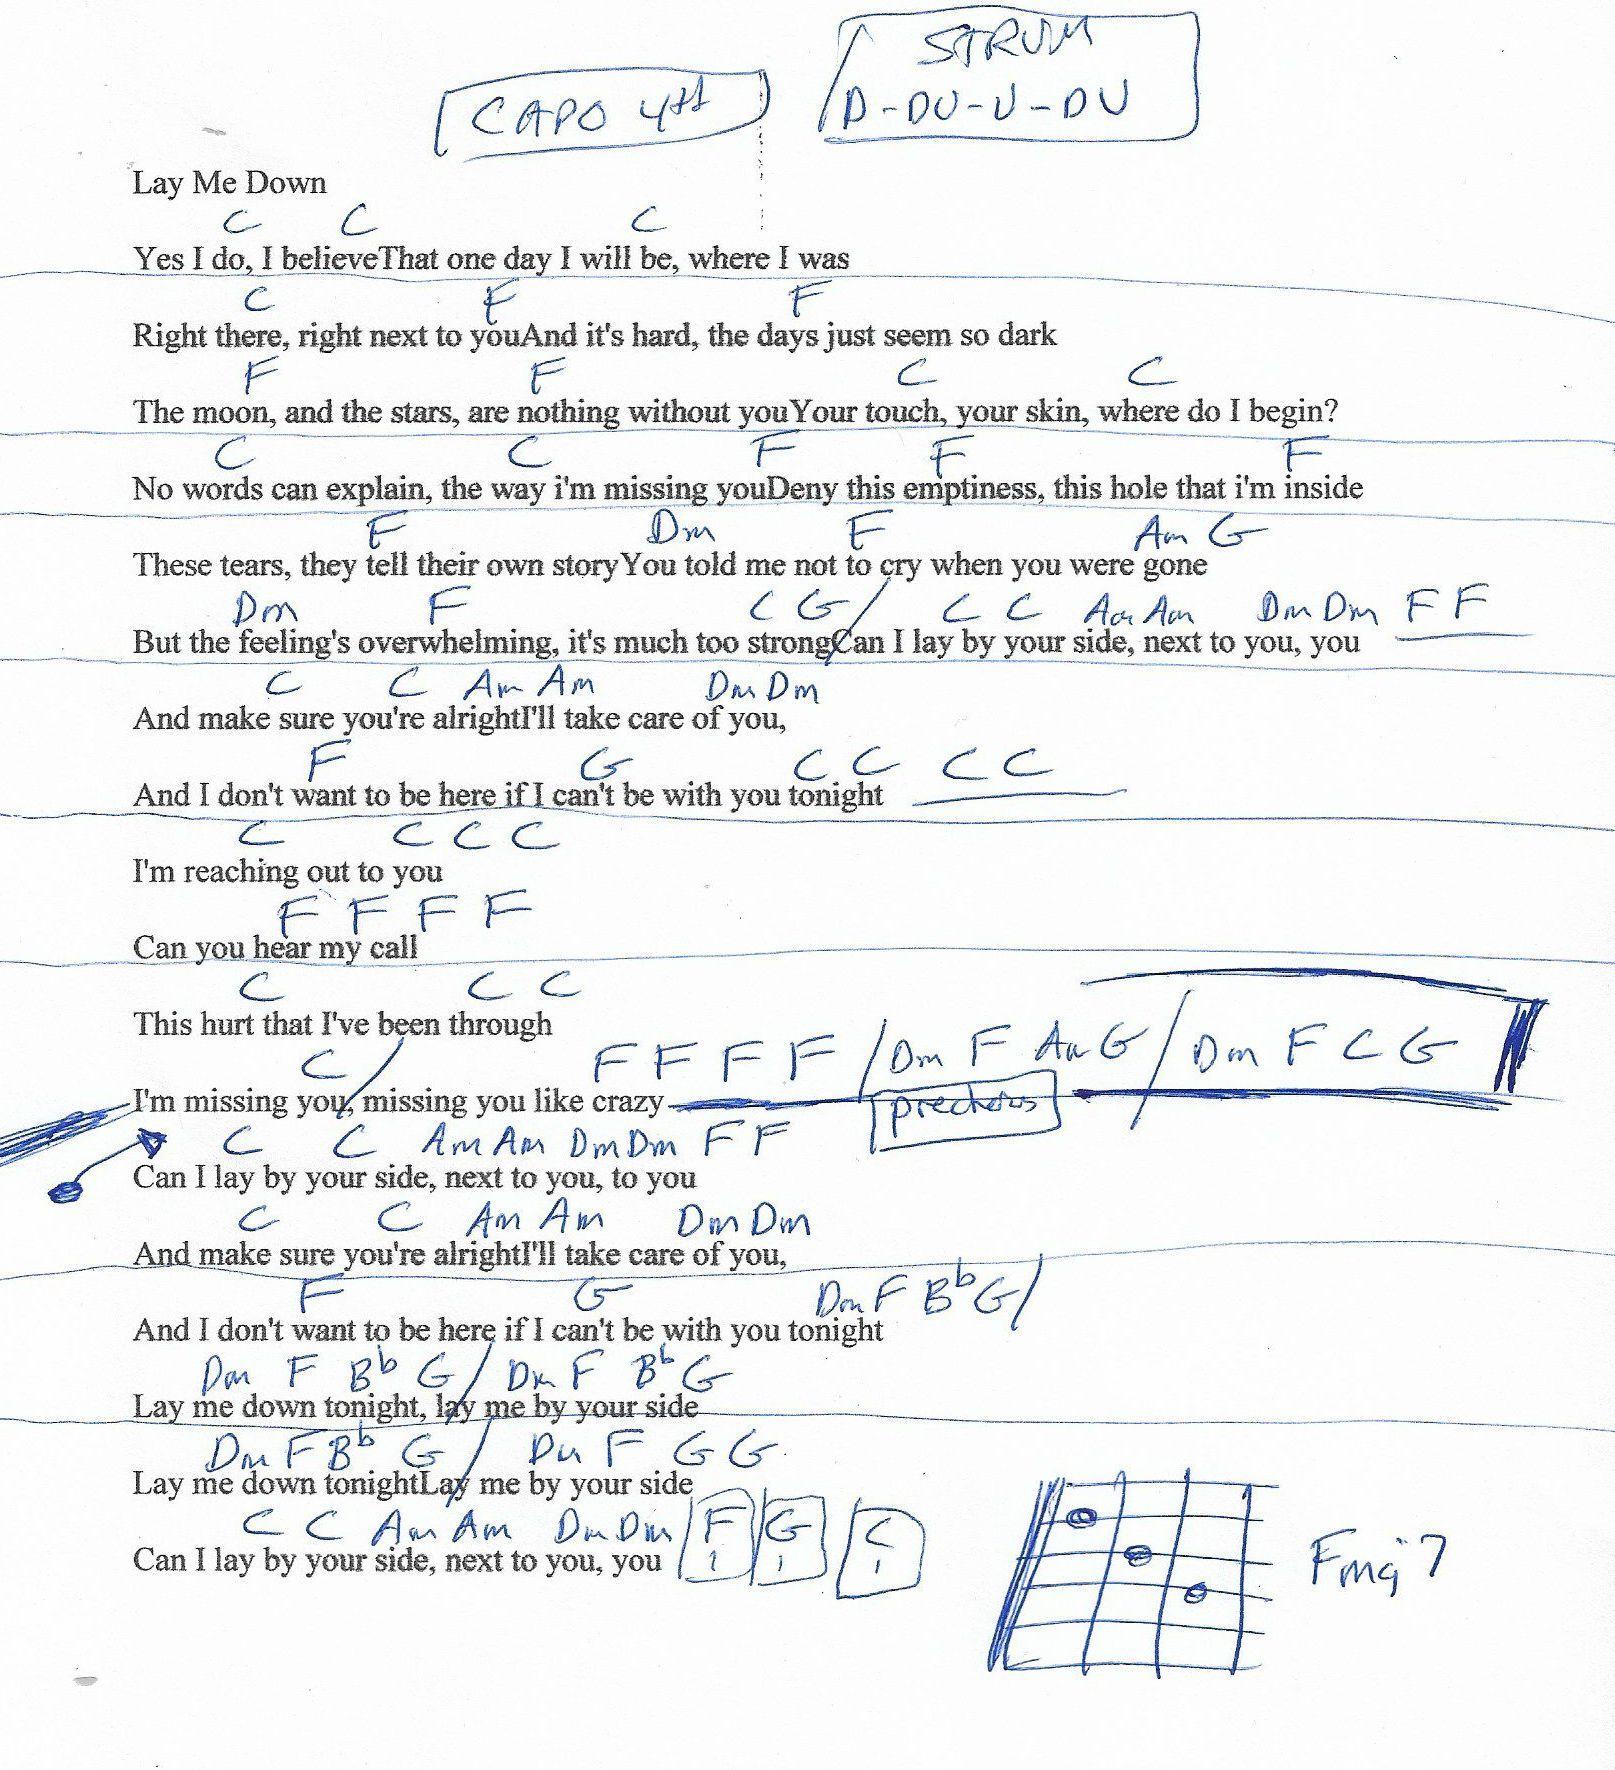 Lay Me Down Sam Smith Guitar Chord Chart   Guitar chord chart ...